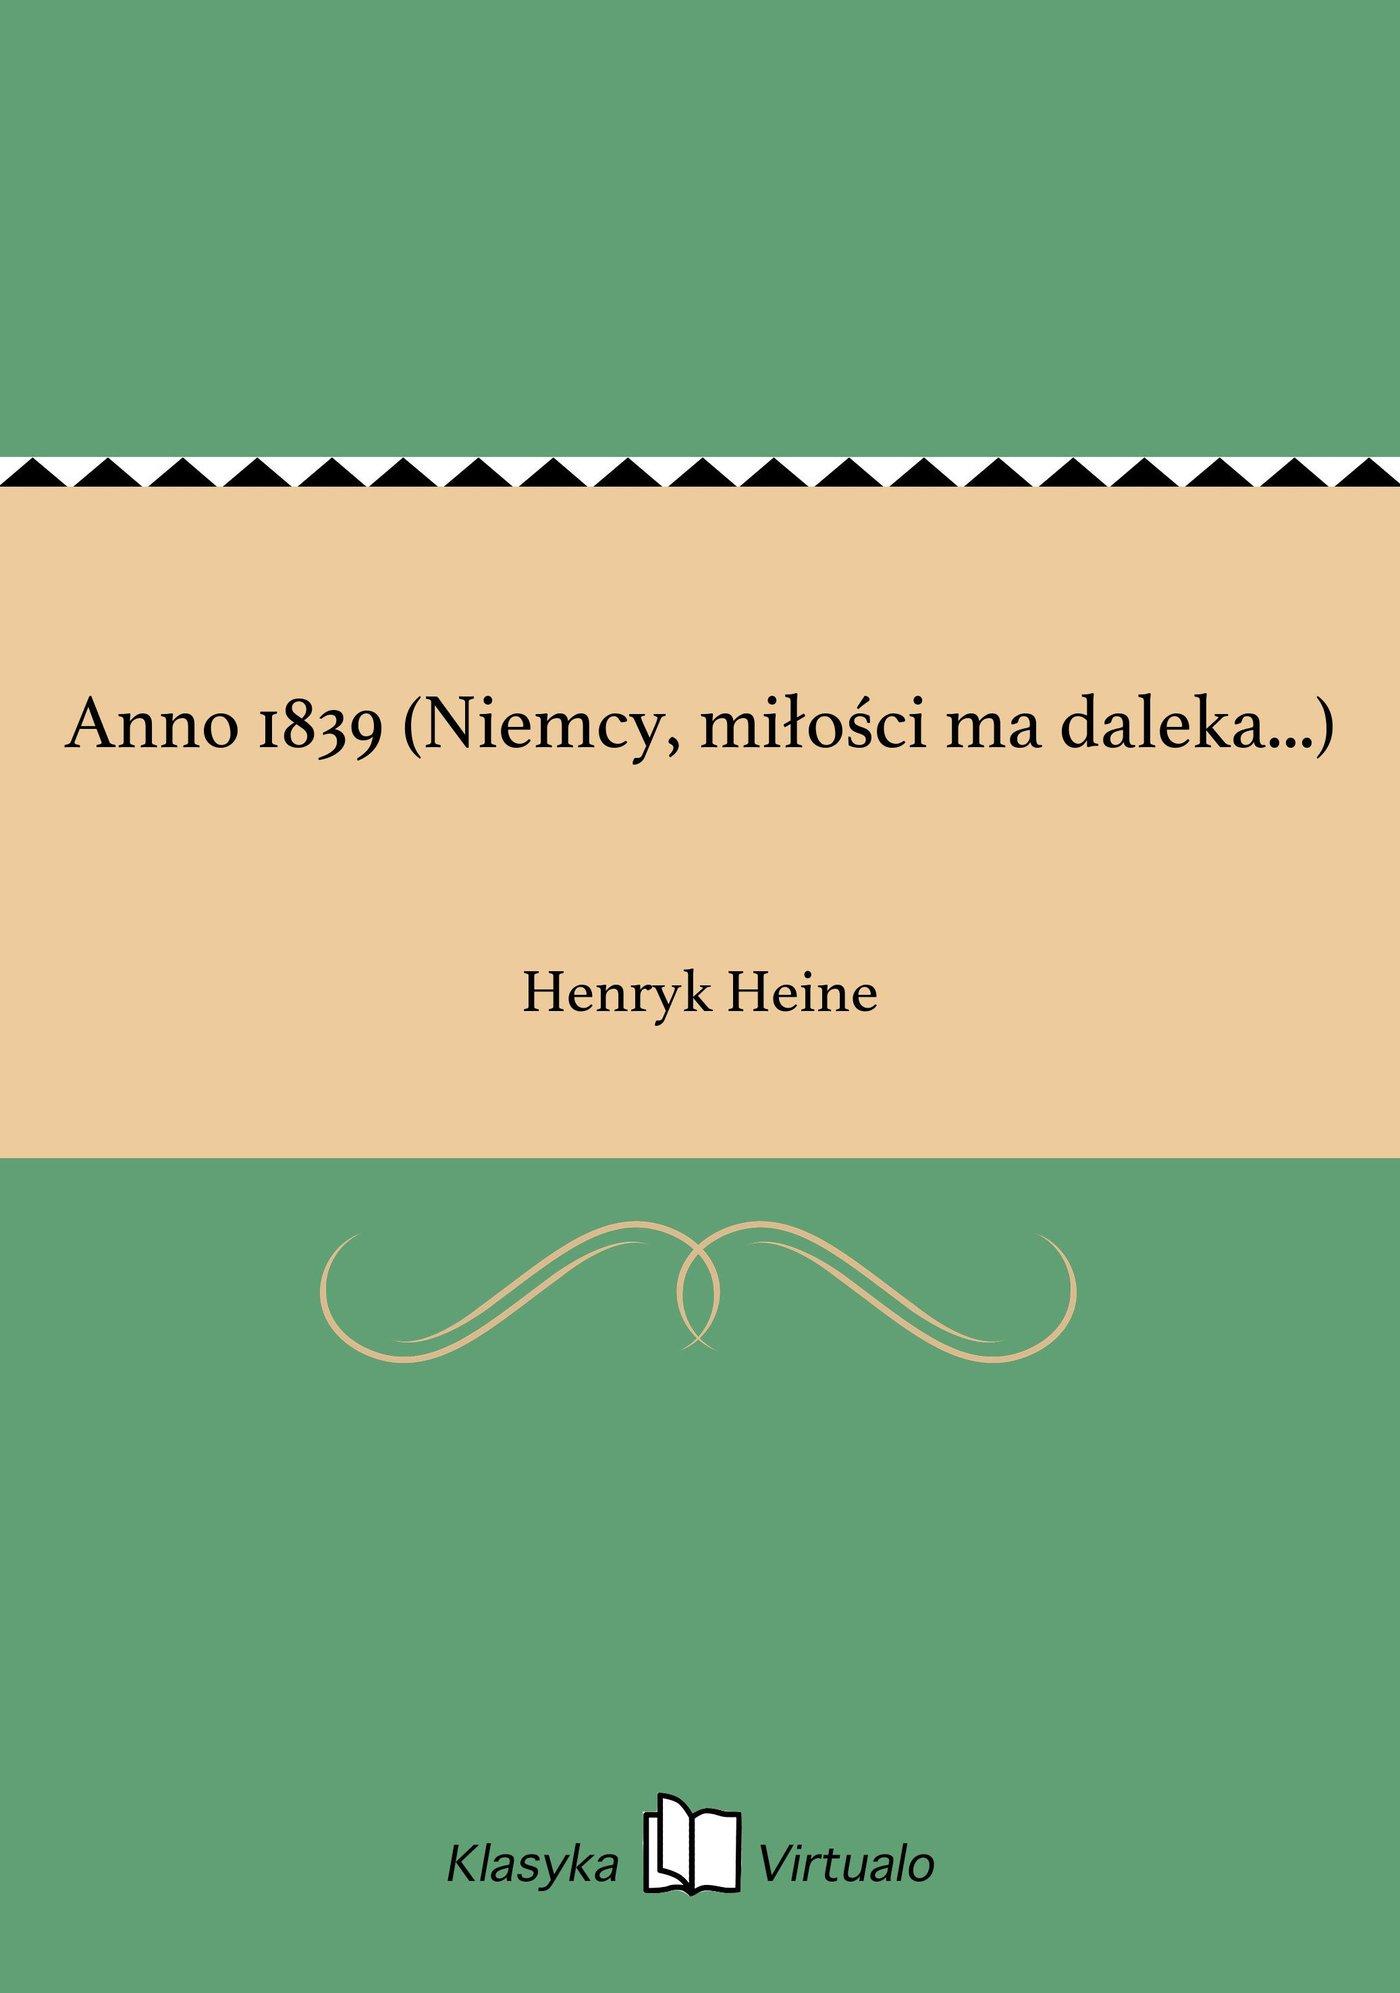 Anno 1839 (Niemcy, miłości ma daleka...) - Ebook (Książka EPUB) do pobrania w formacie EPUB